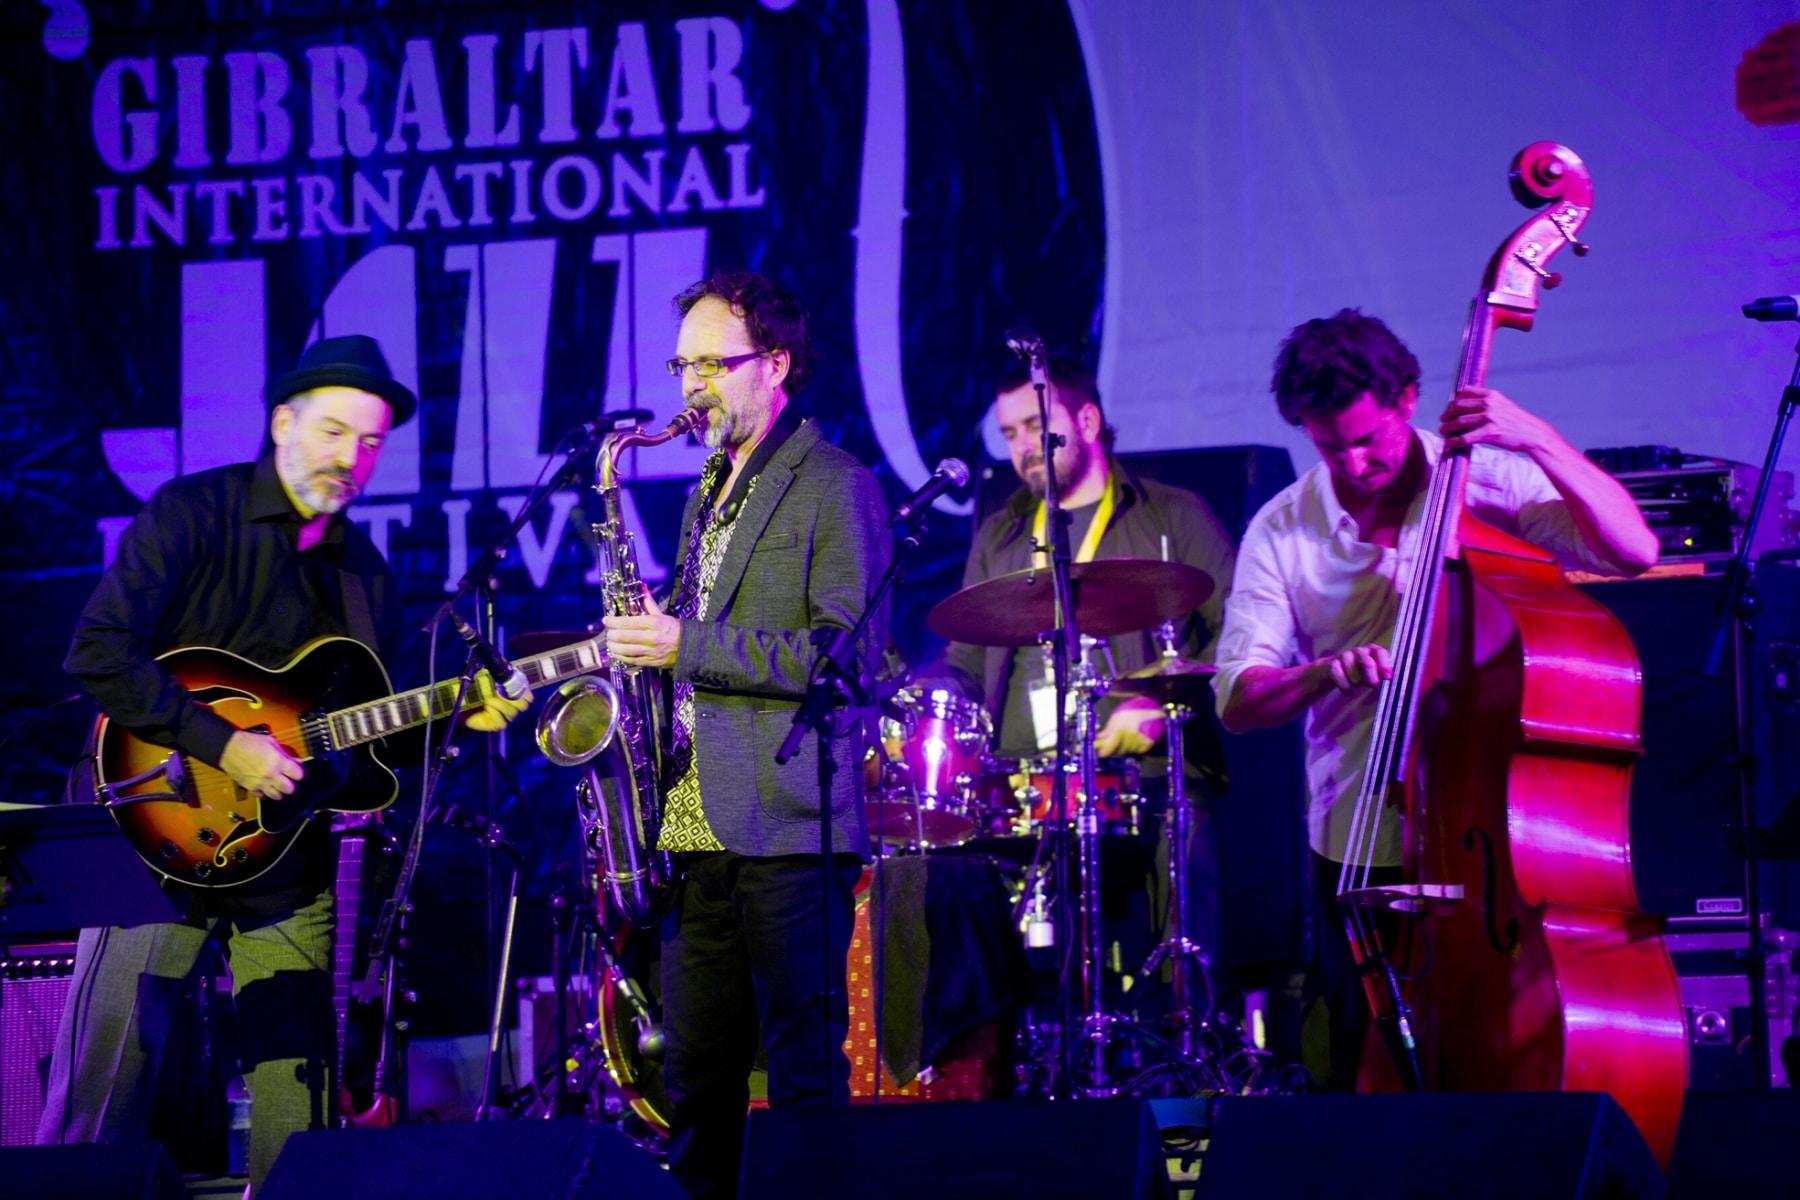 festival-internacional-de-jazz-gibraltar-25102014-26_15607274396_o